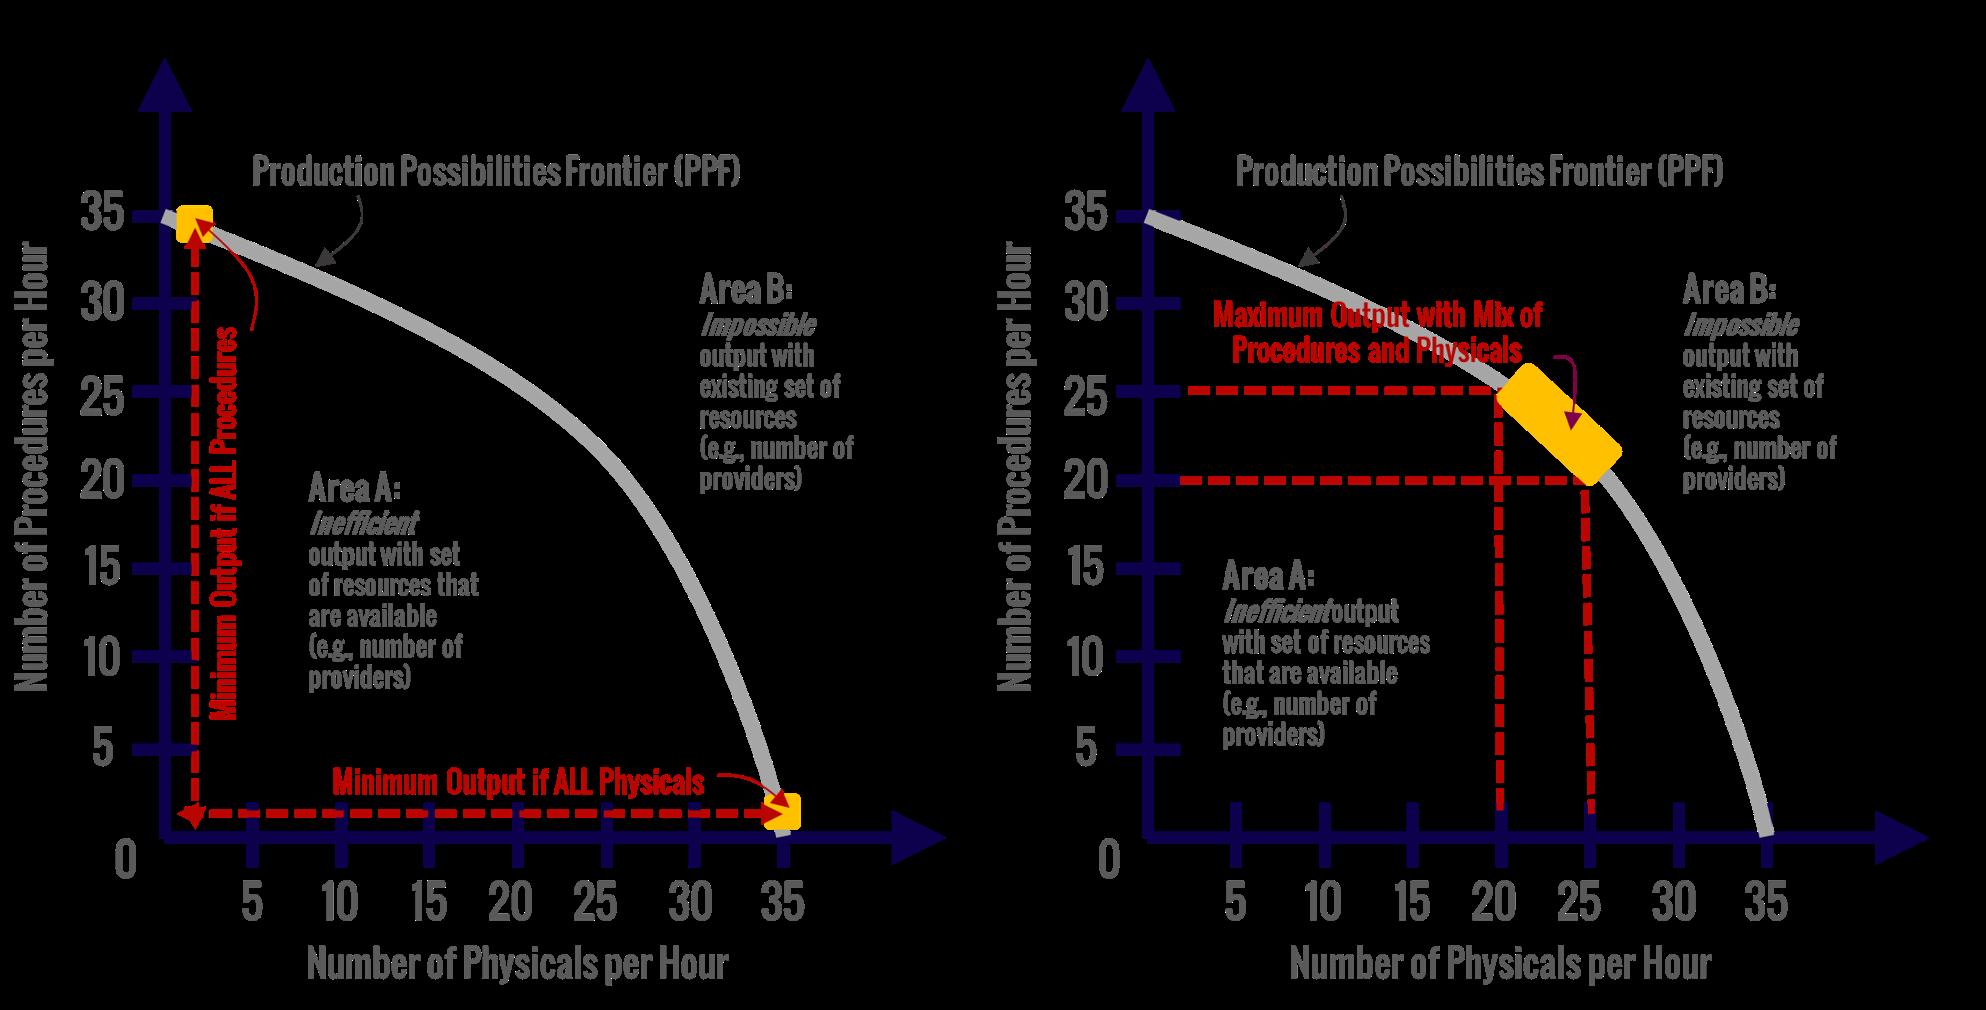 Value Vitals - Production Possibilities Frontier (PPF) in Healthcare Minimum and Maximum